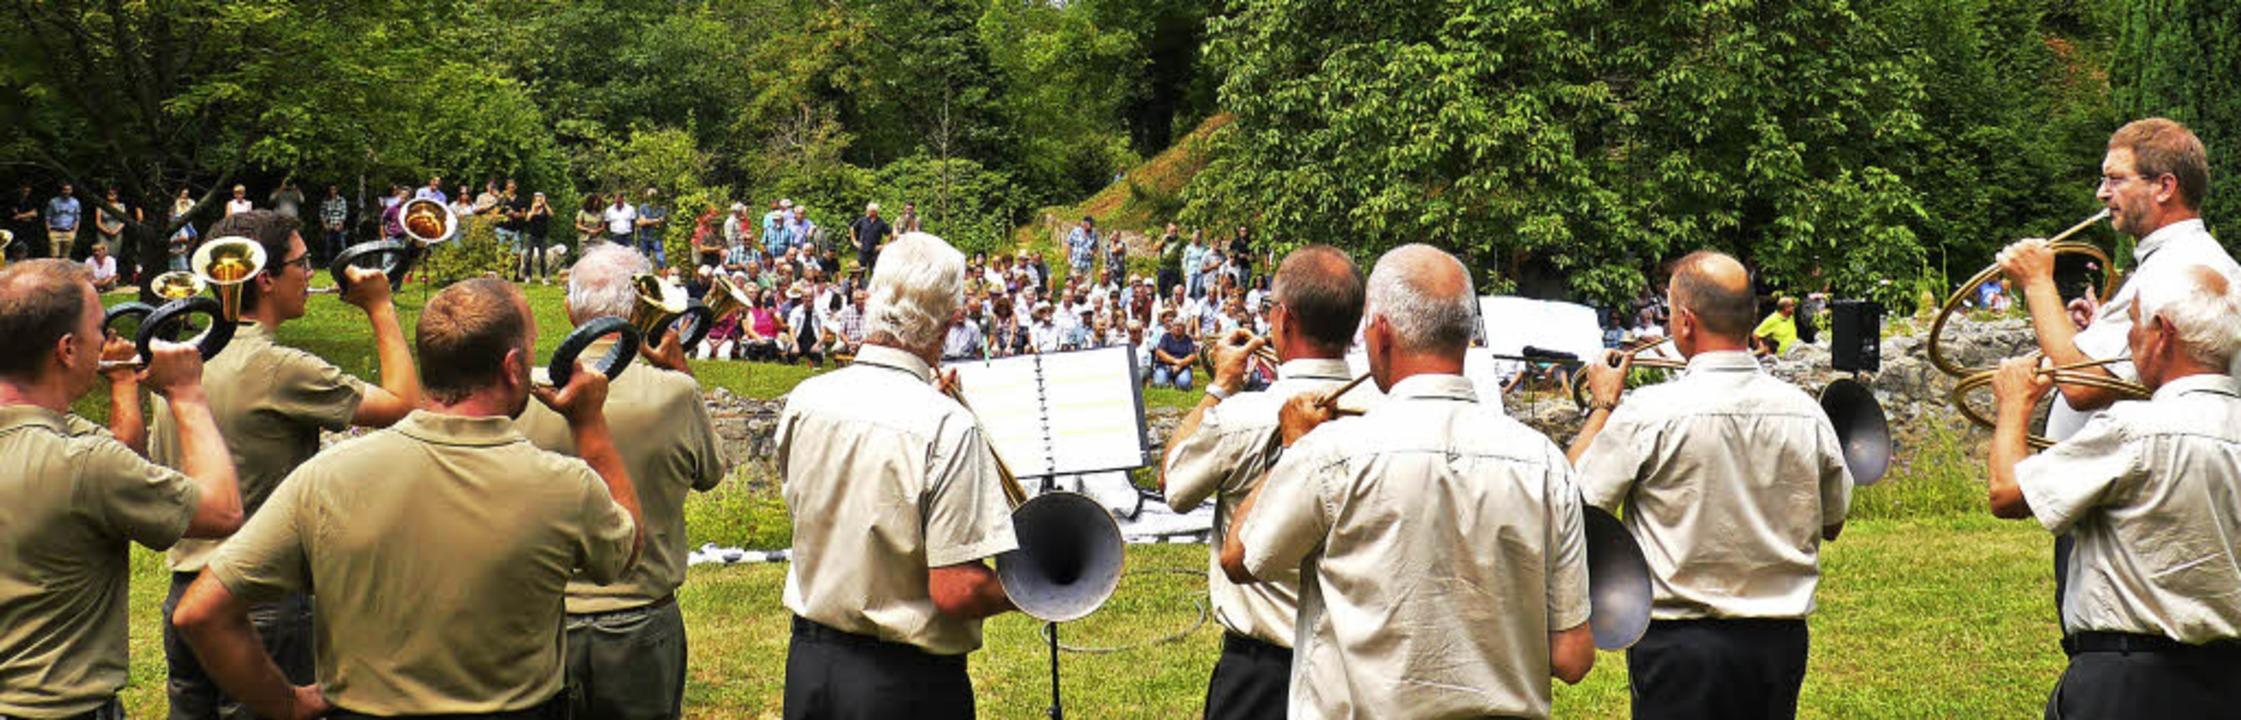 Musikgenuss und  Wissenswertes rund um...onntag beim musikalischen Jagdmorgen.   | Foto: Christel Hülter-Hassler